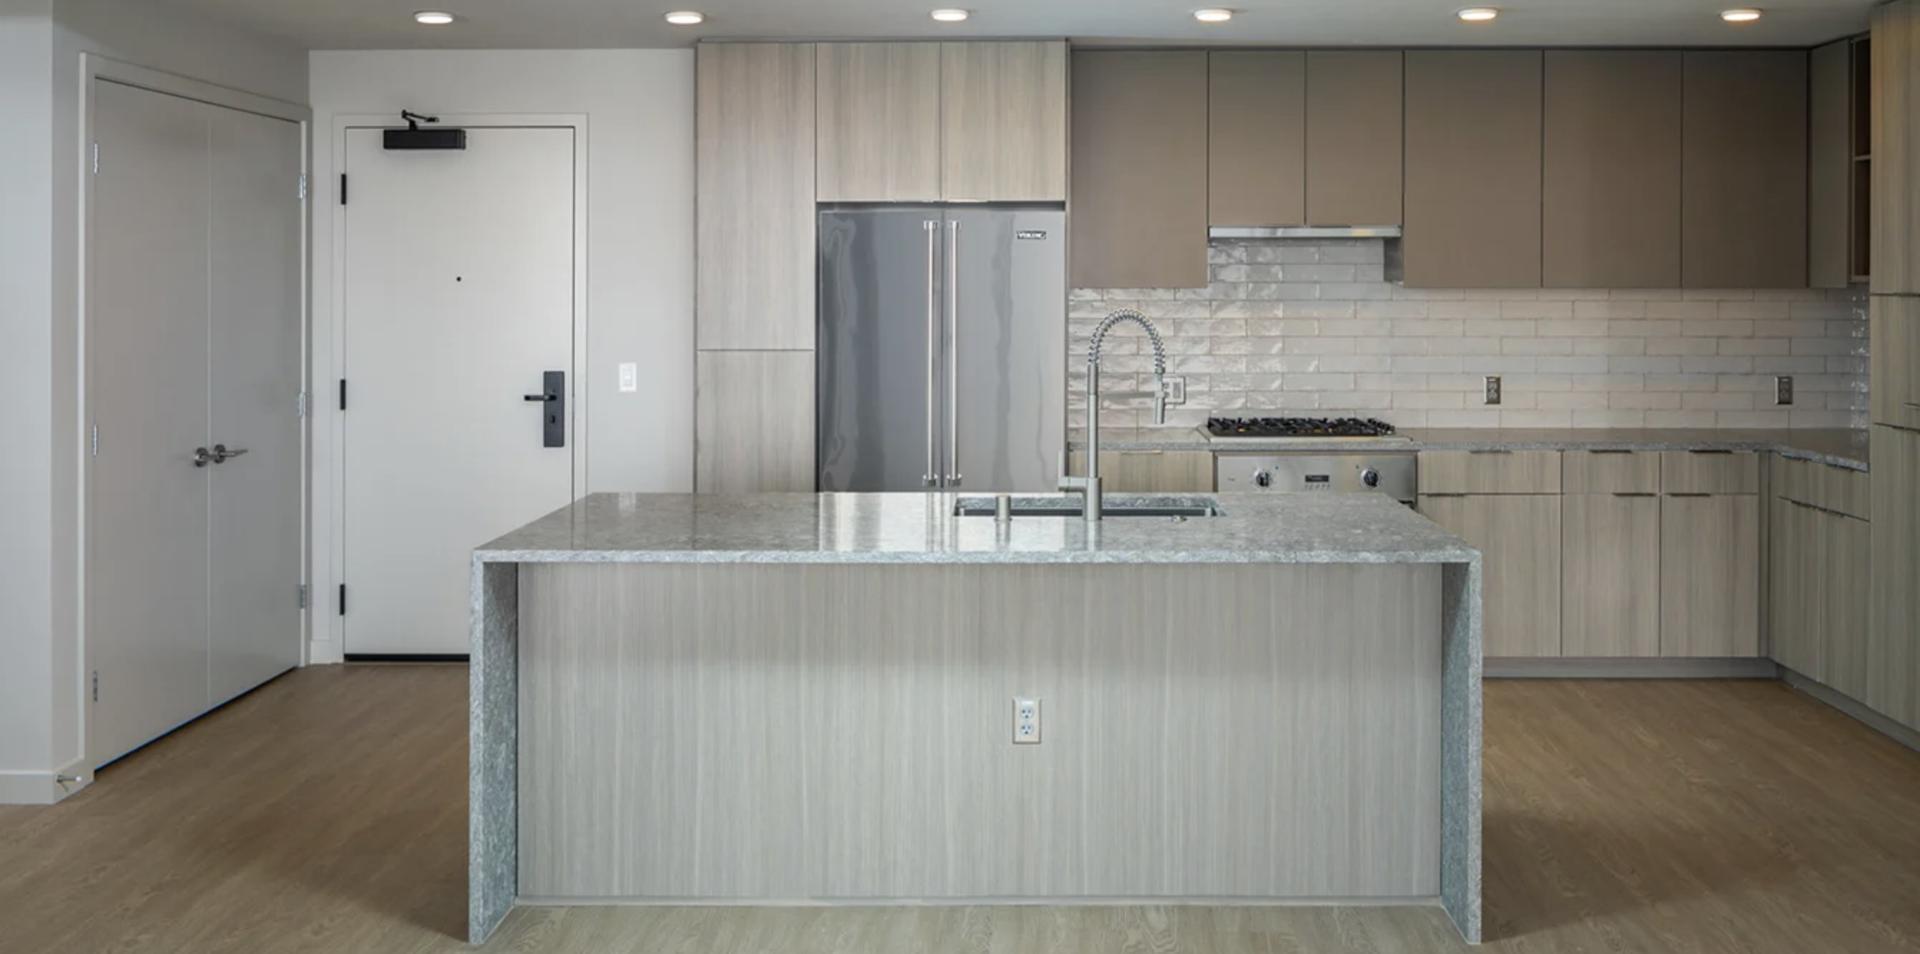 601 11th Avenue #0912, San Diego, CA - $4,675 USD/ month